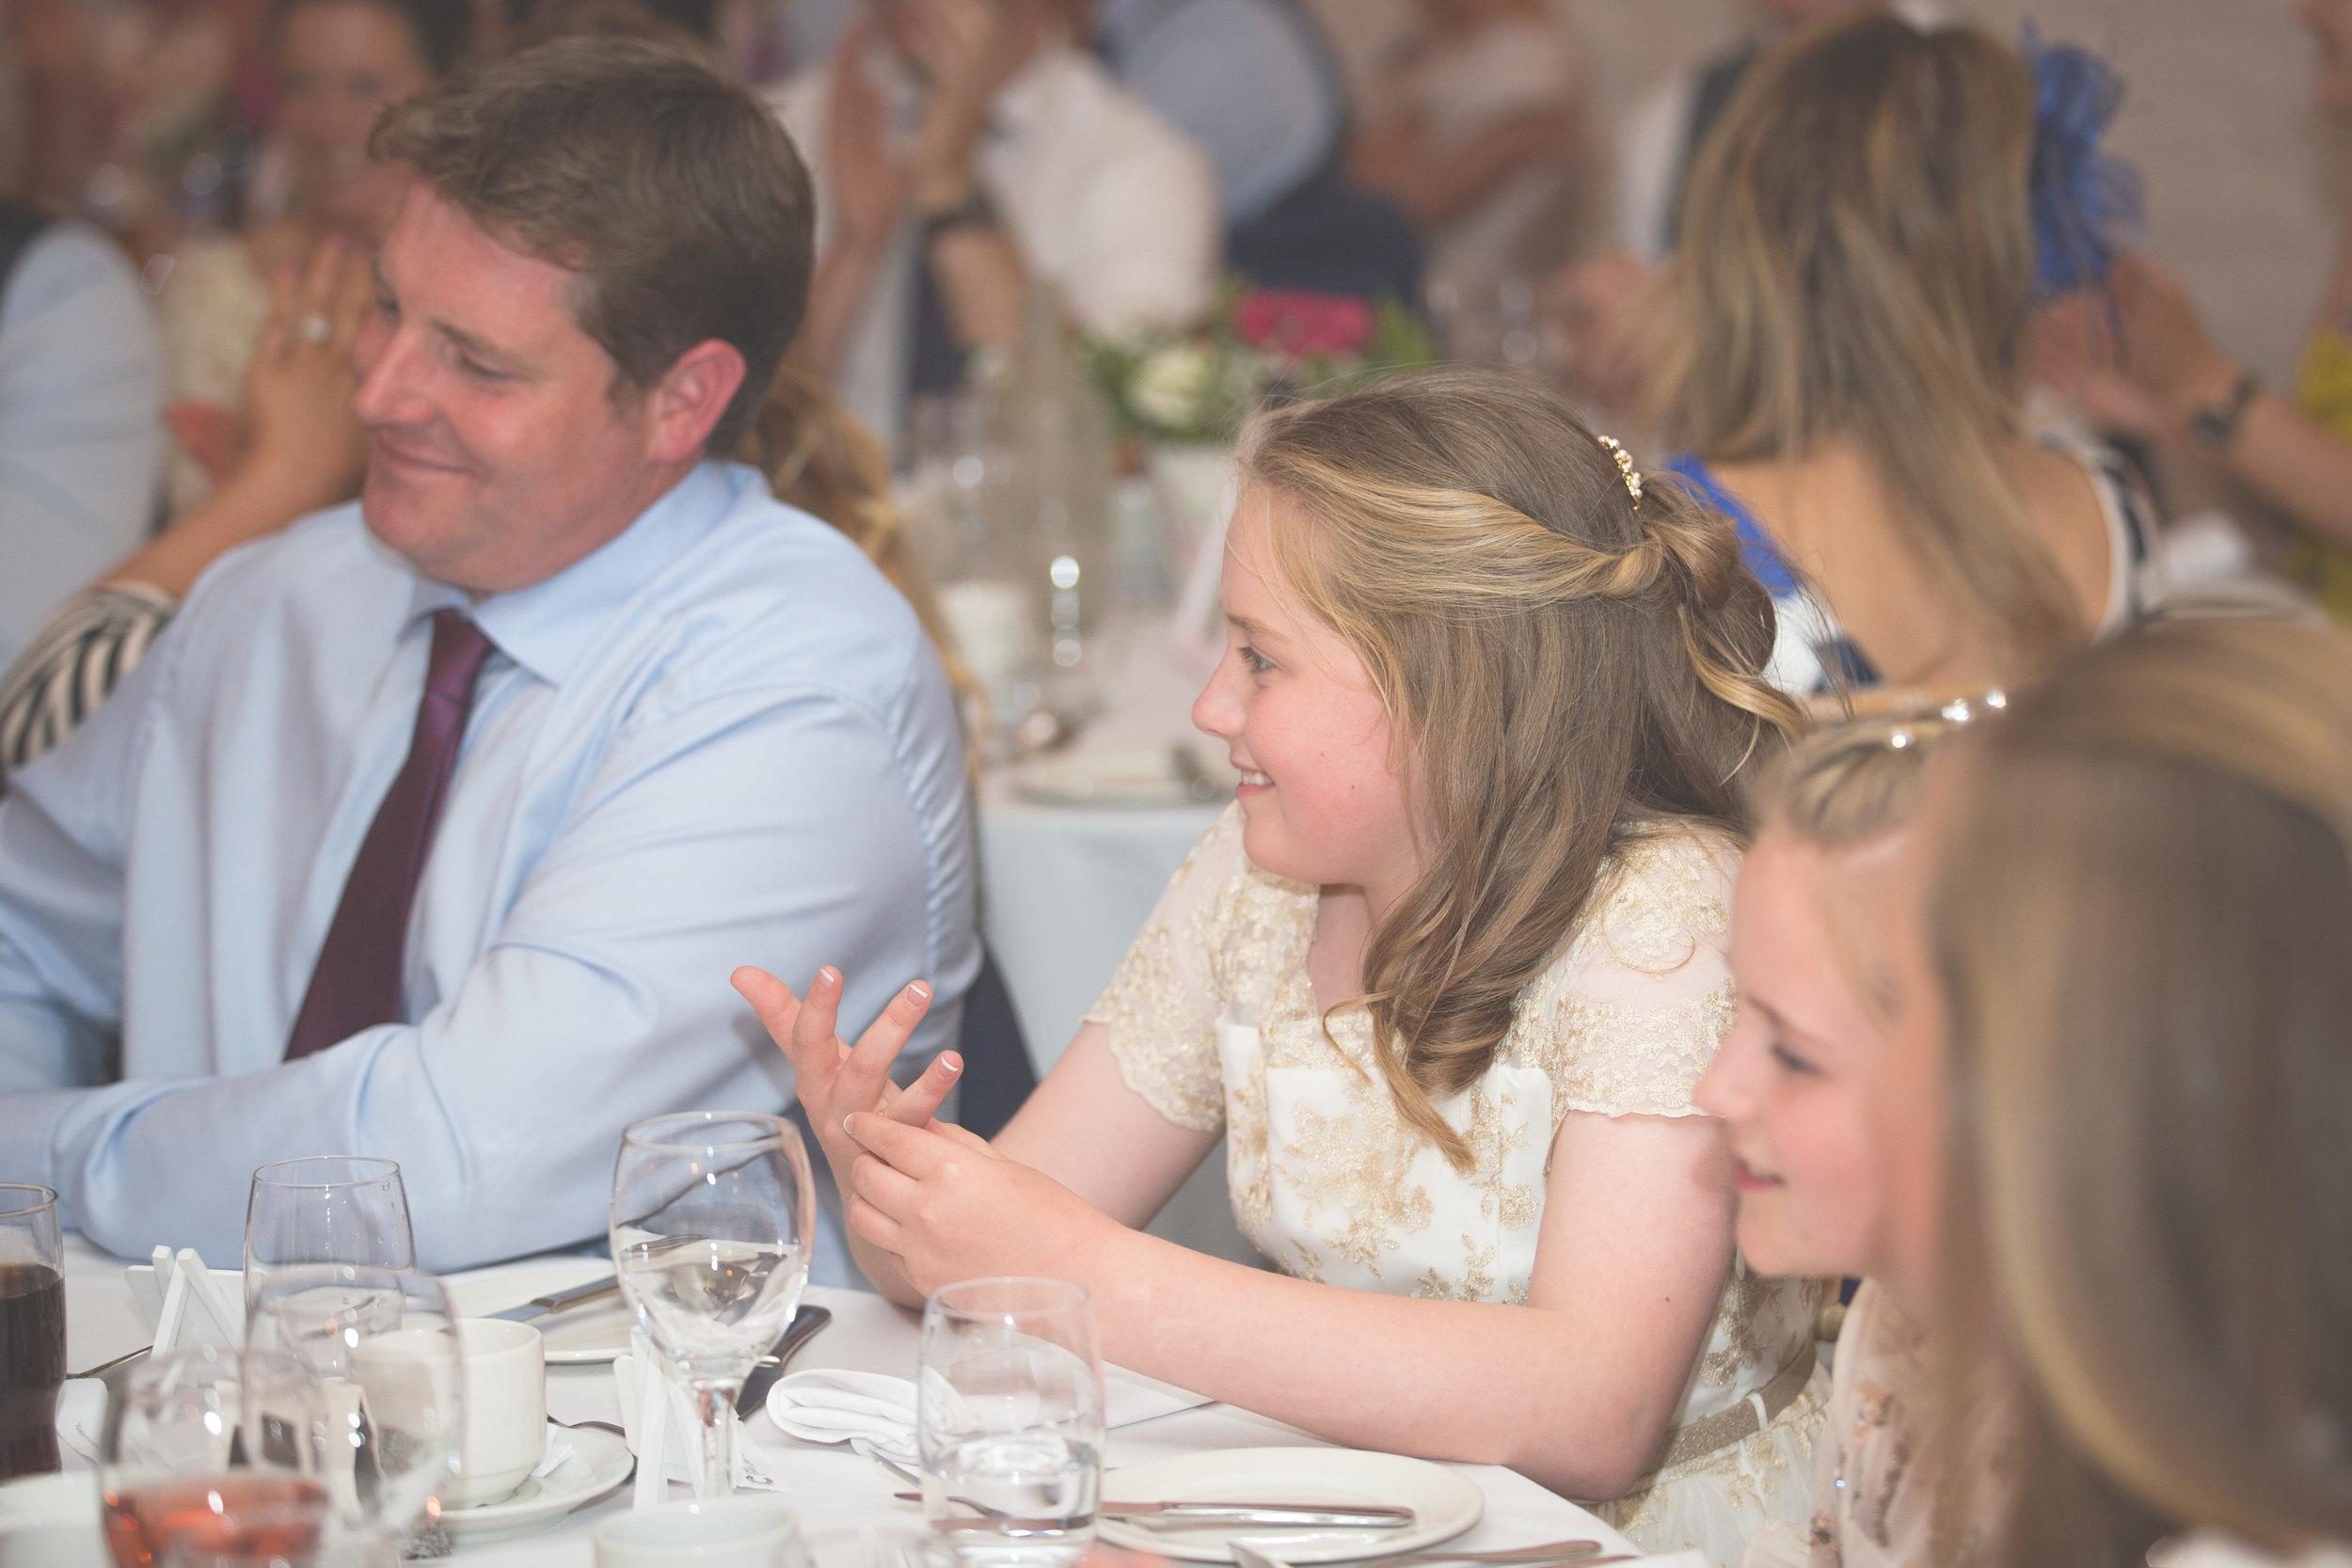 Brian McEwan Wedding Photography | Carol-Anne & Sean | The Speeches-69.jpg